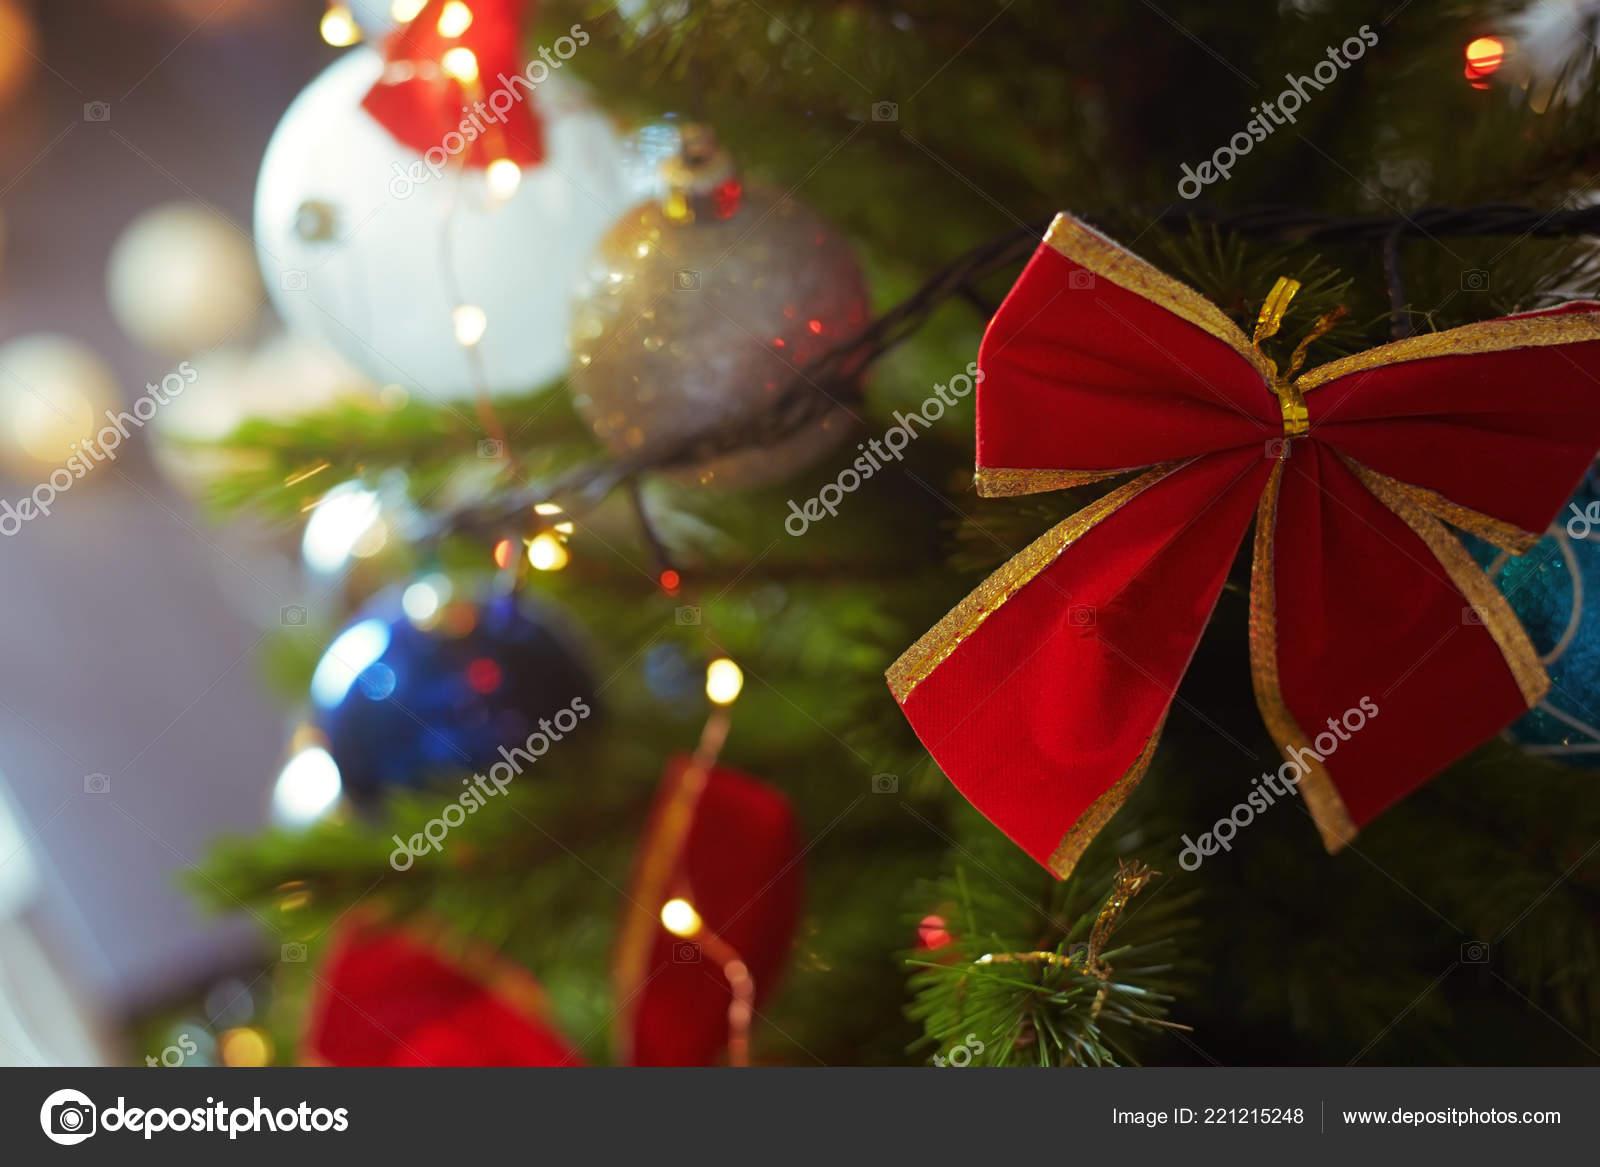 1089e037cb1 Decoración Árbol Navidad Con Luz Cadena Close — Foto de stock ...